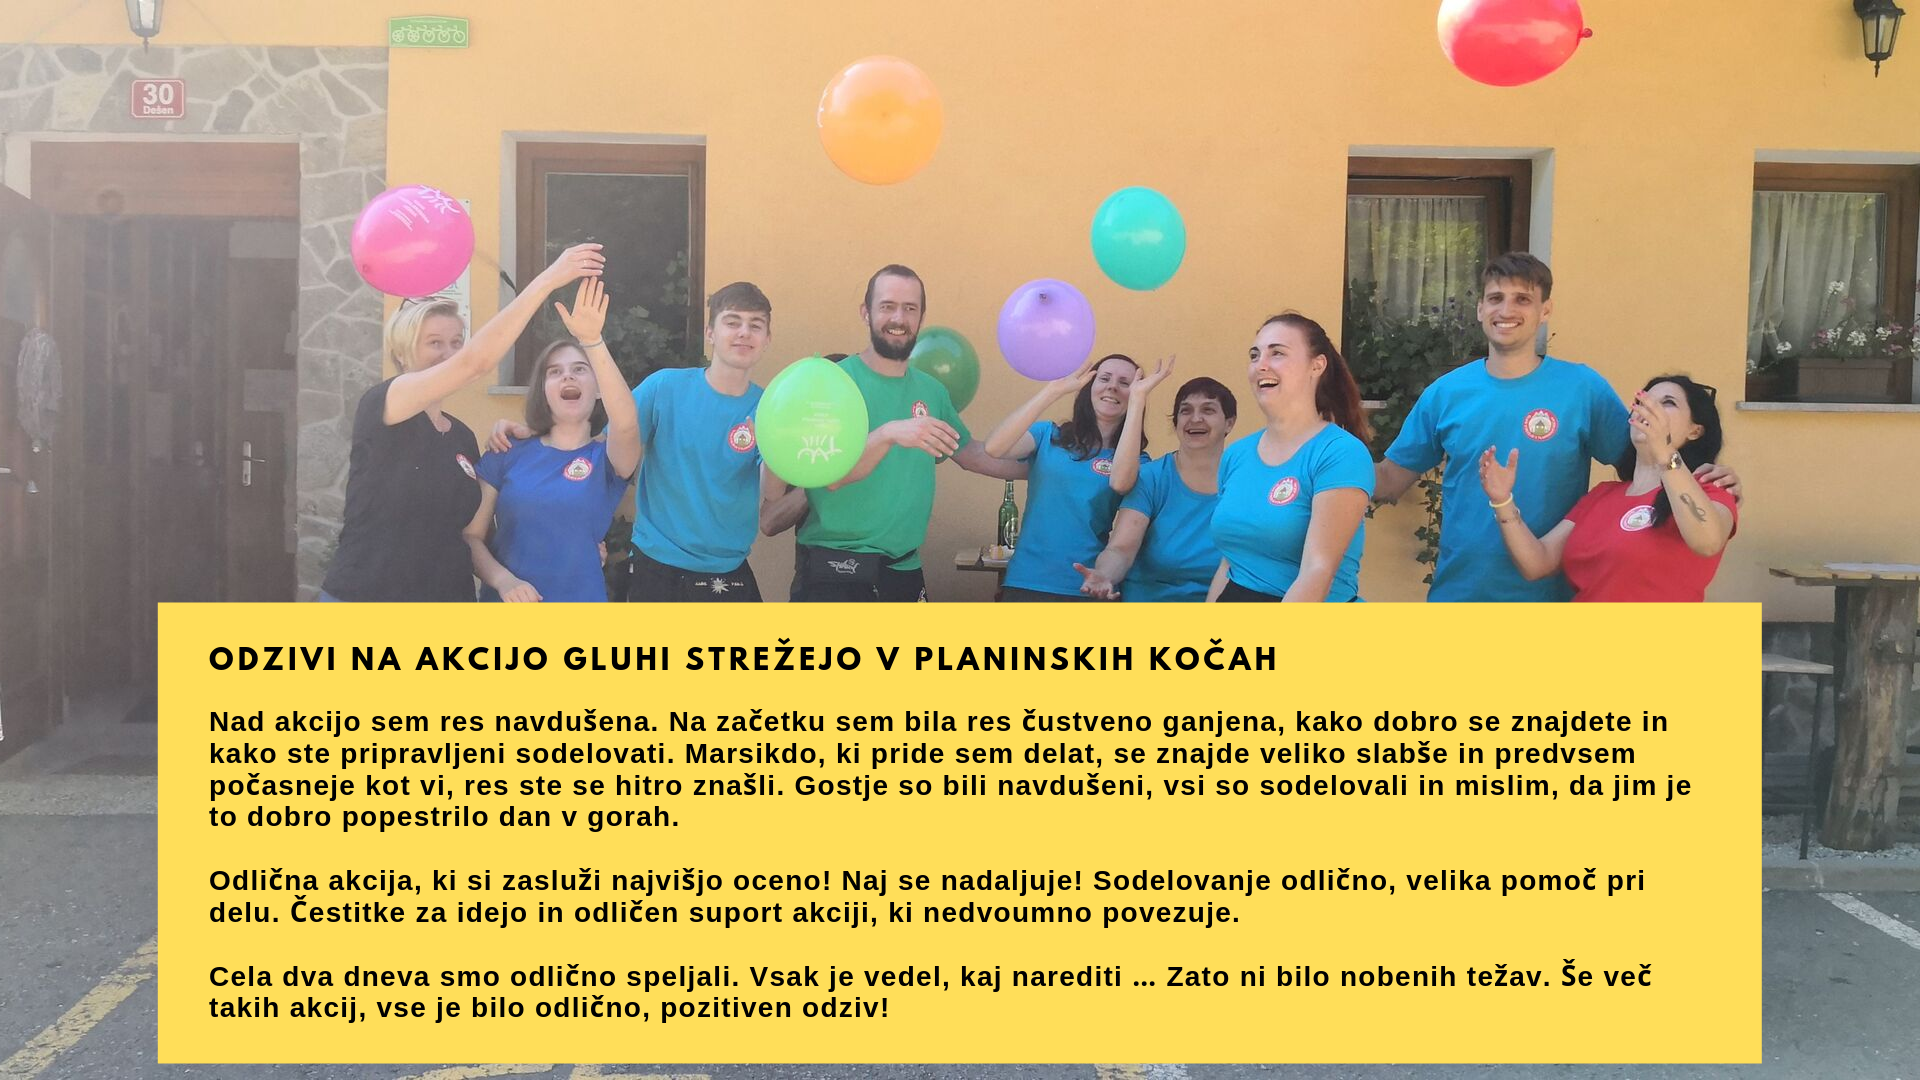 Na sliki razigrana skupina prostovoljcev meče balone v zrak, foto arhiv GSPK